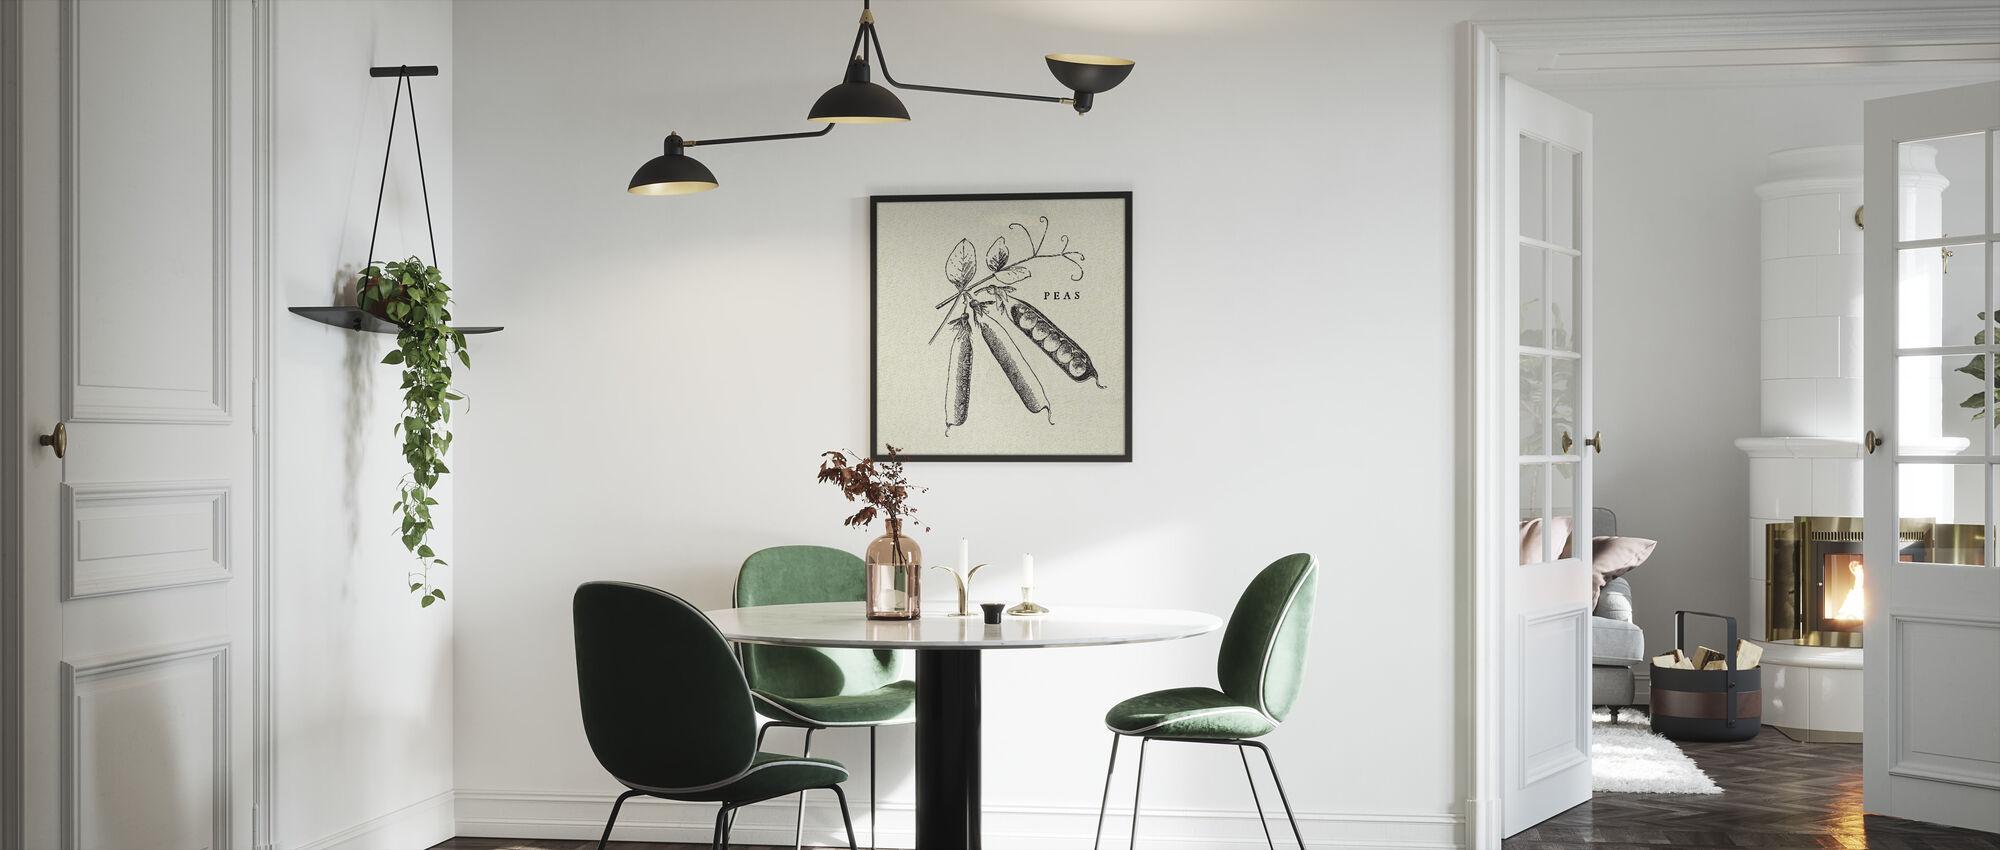 Kjøkken Illustrasjon - Erter - Innrammet bilde - Kjøkken